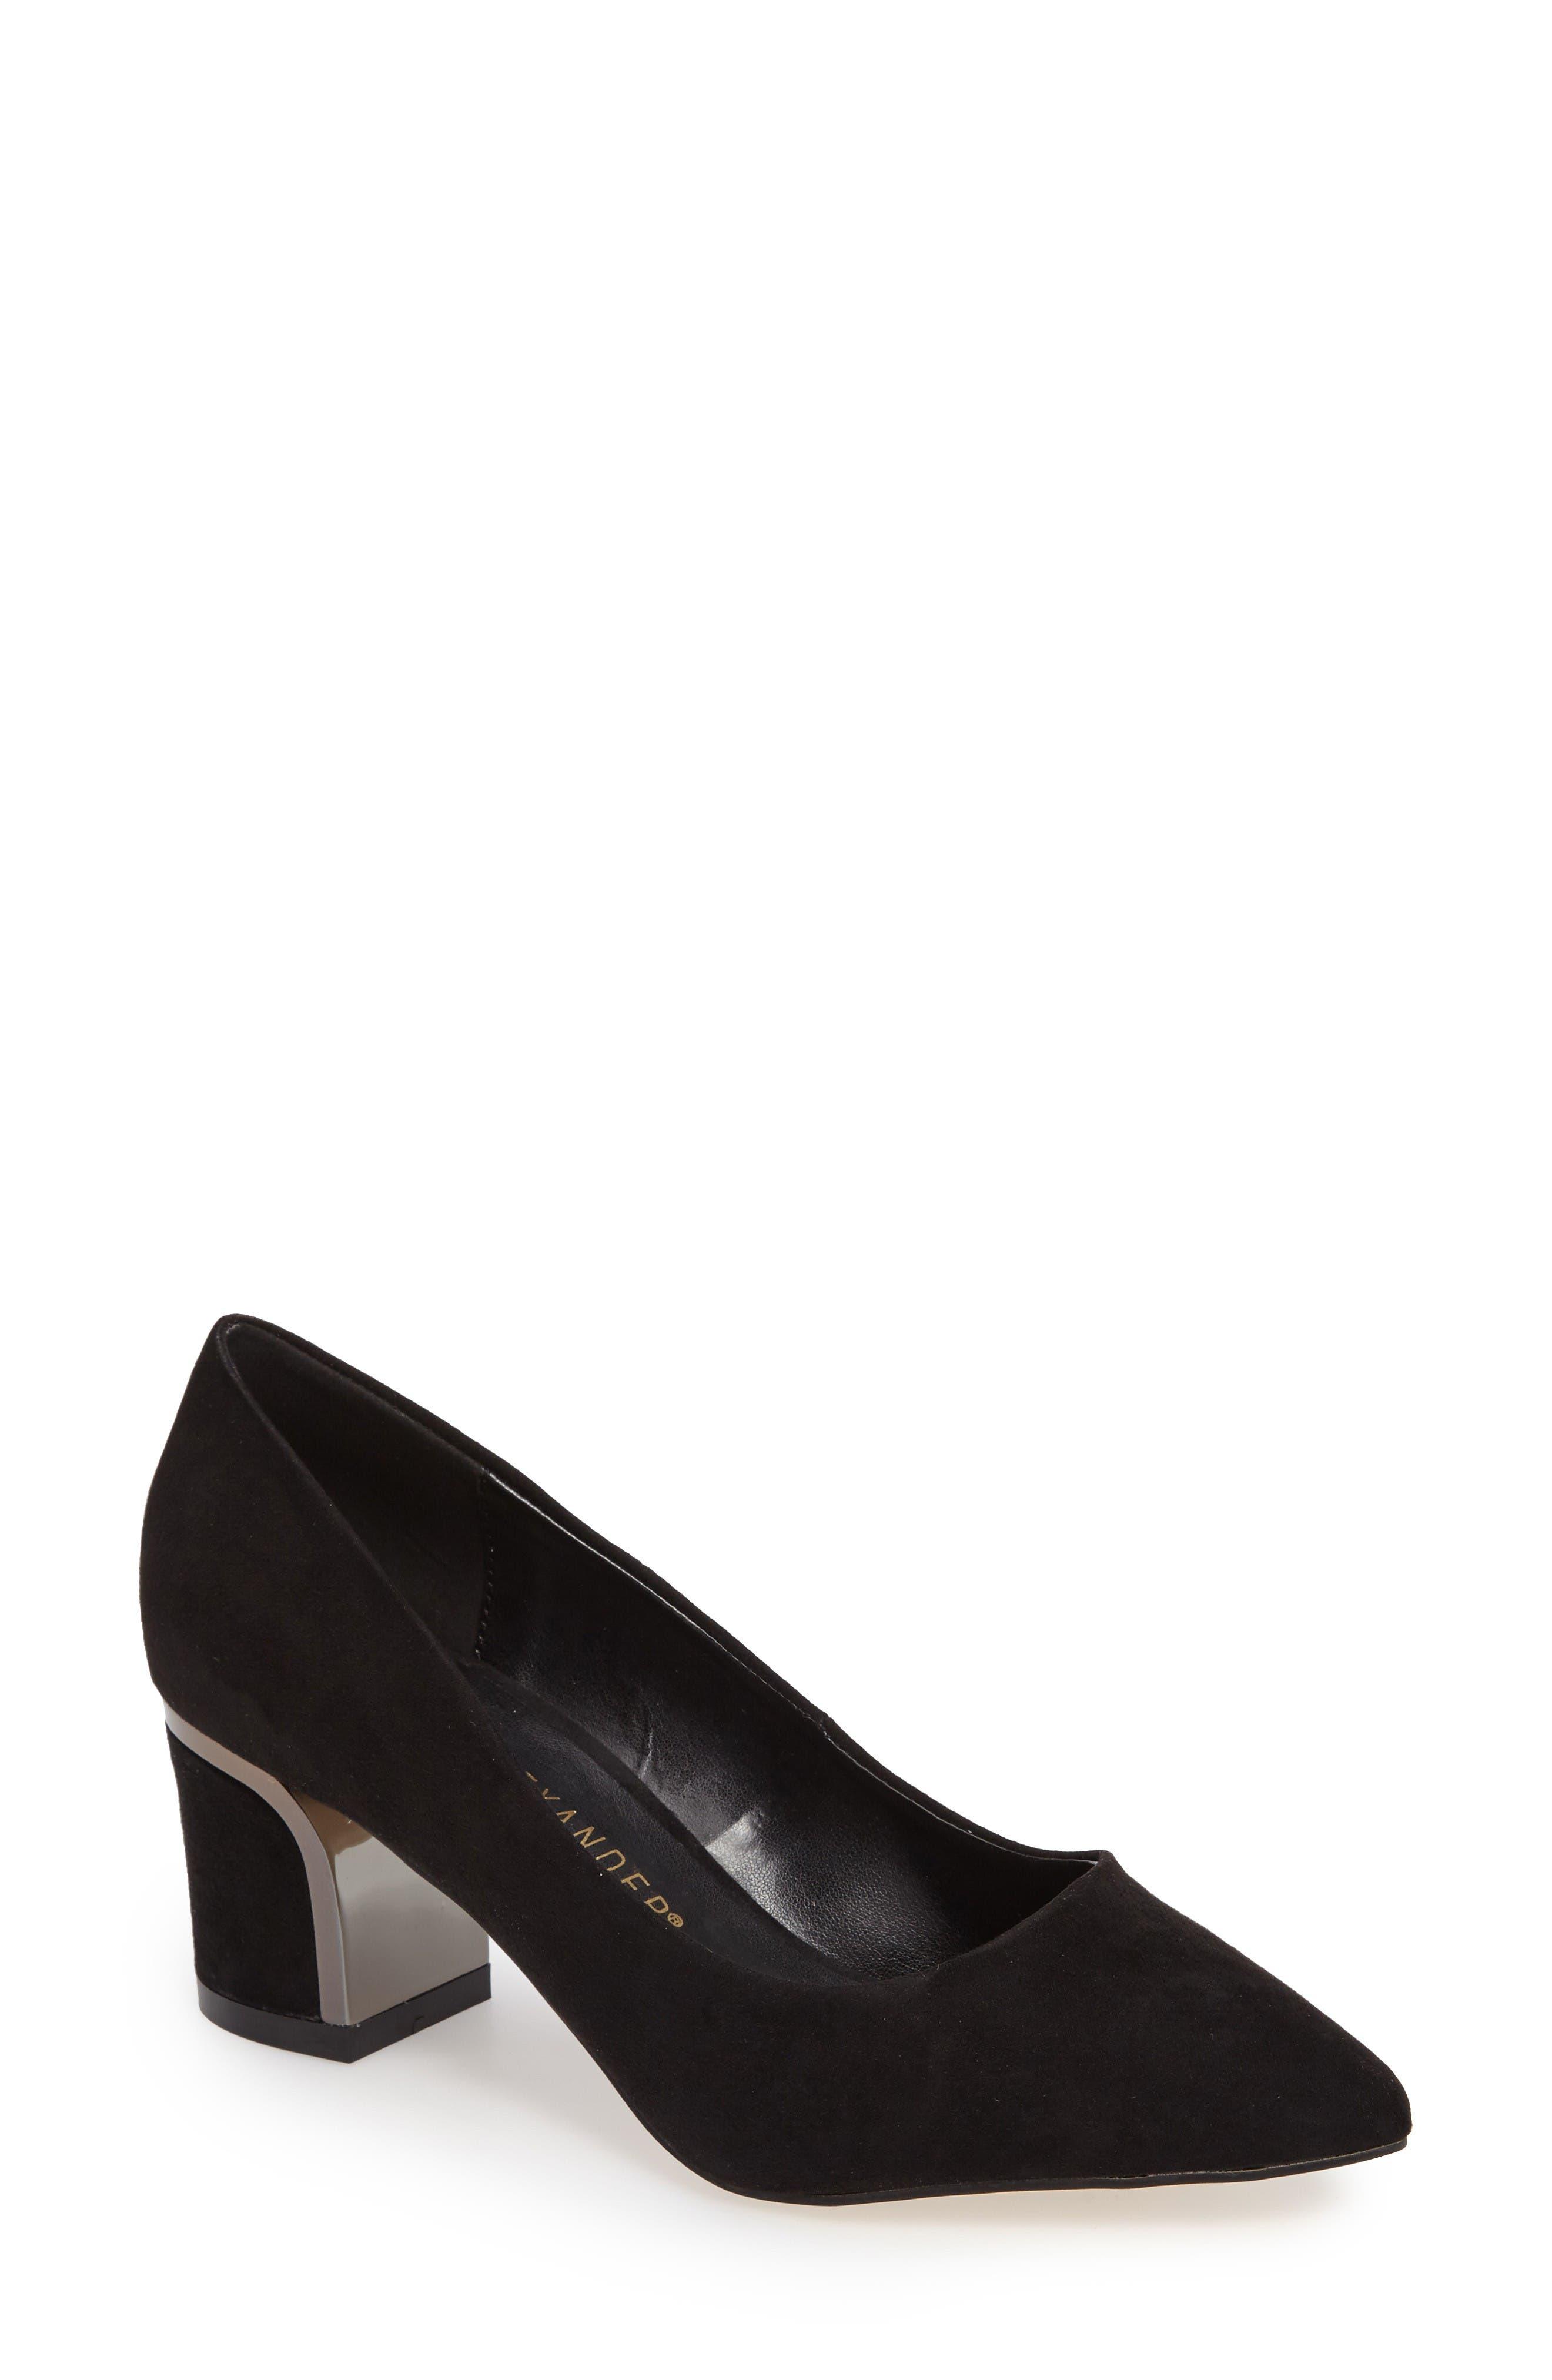 Zabel Embellished Block Heel Pump,                         Main,                         color, Black Faux Suede